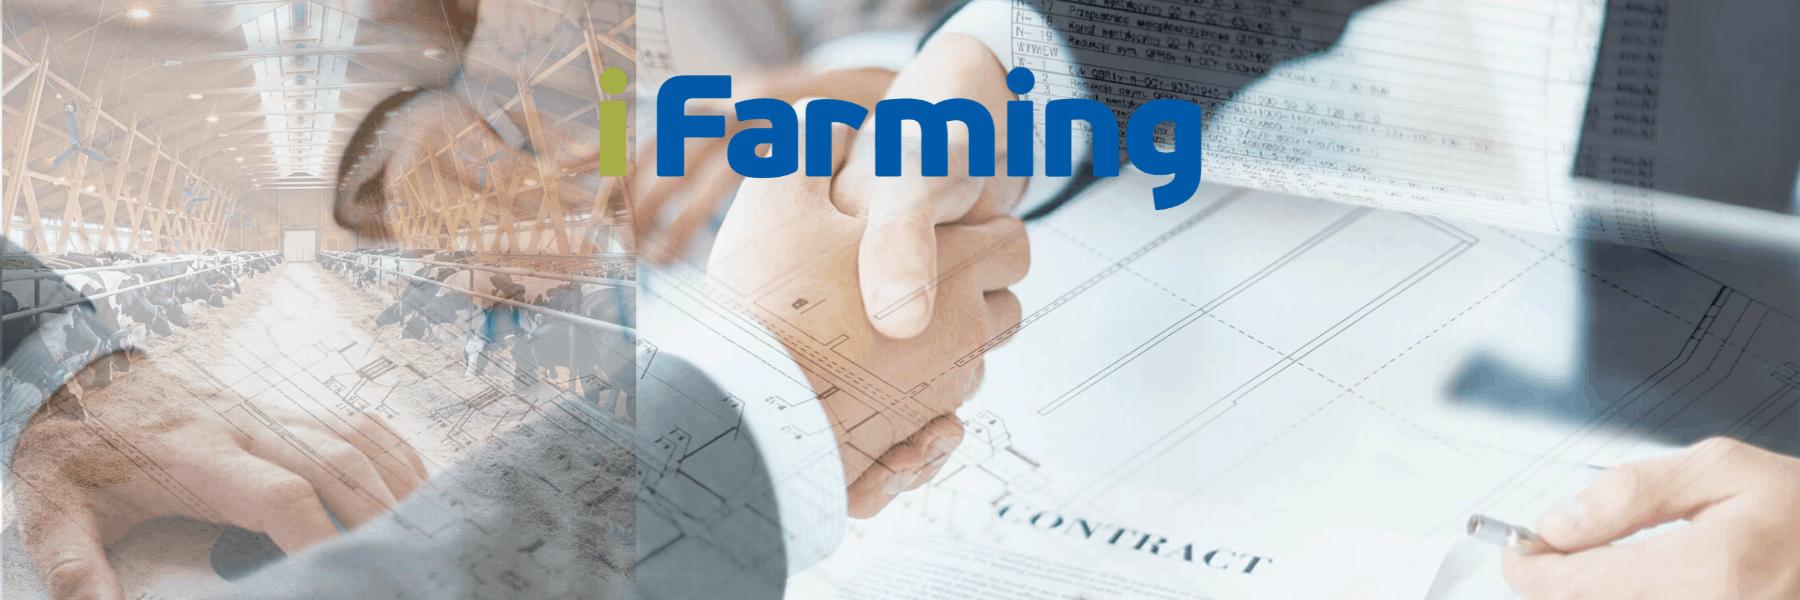 EPC и EPCM контракты при строительстве объектов агропромышленного комплекса.